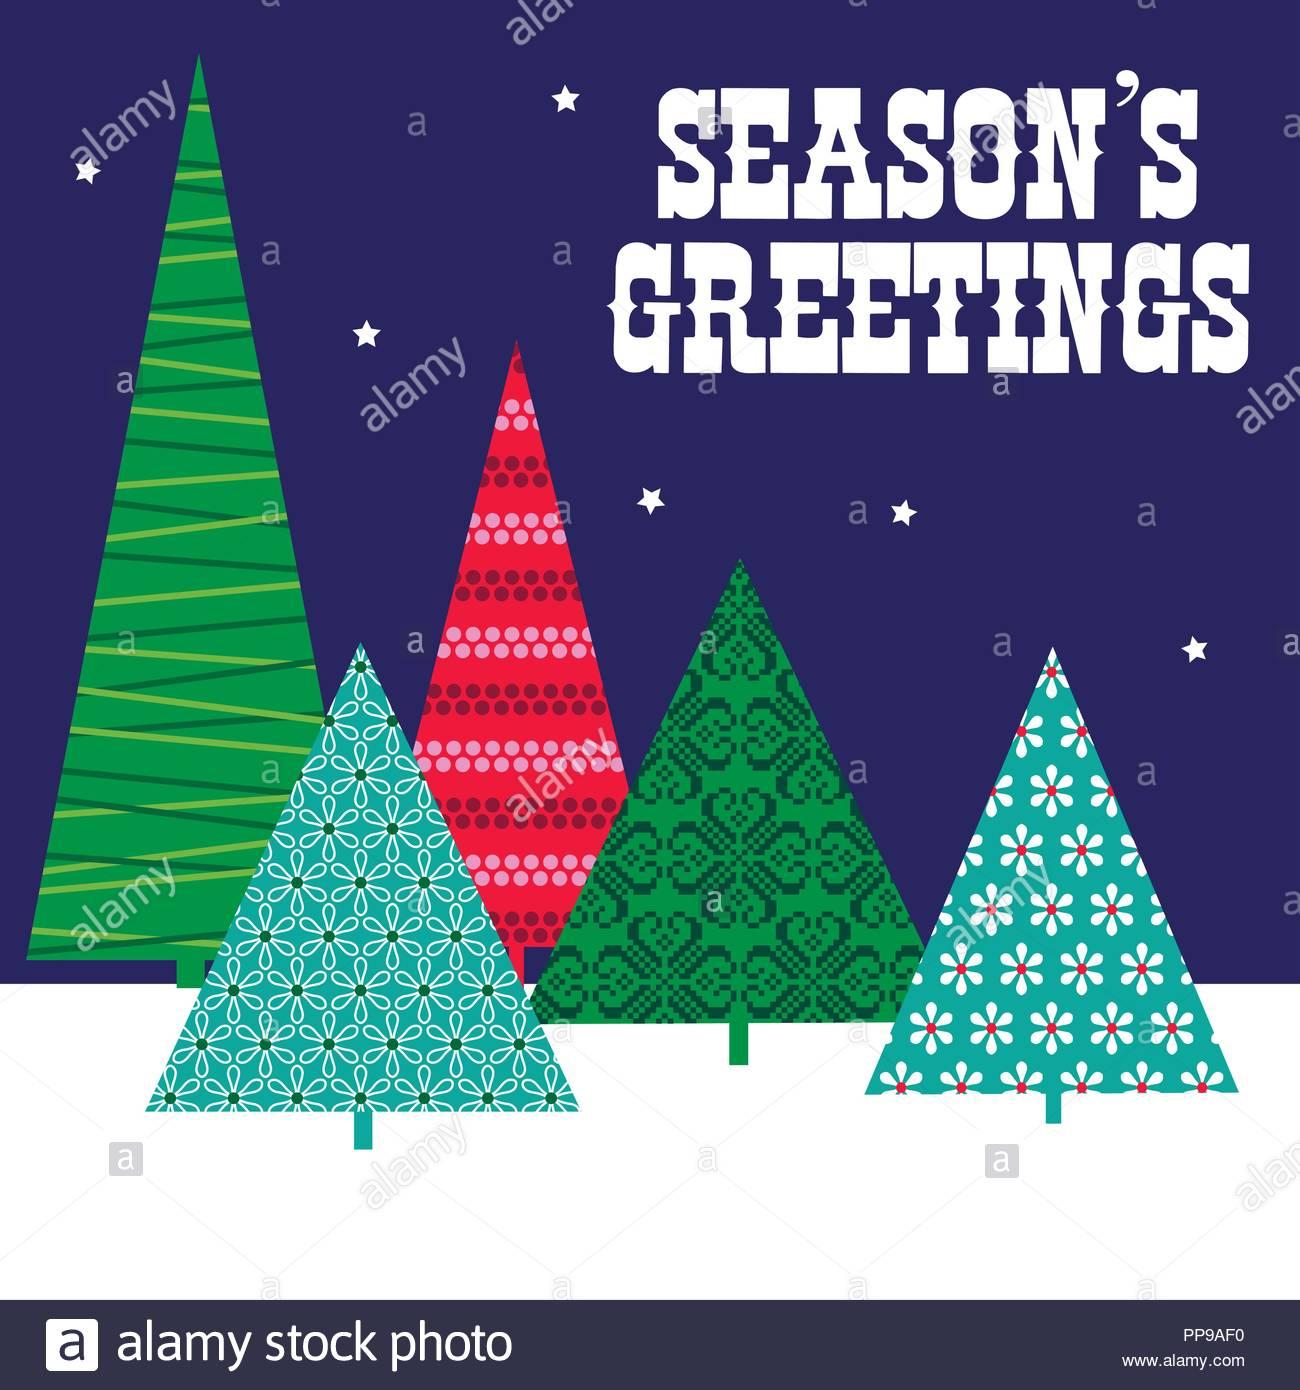 I Migliori Auguri Di Buon Natale.Alberi Modellato I Migliori Auguri Di Buon Natale Natale Graphic